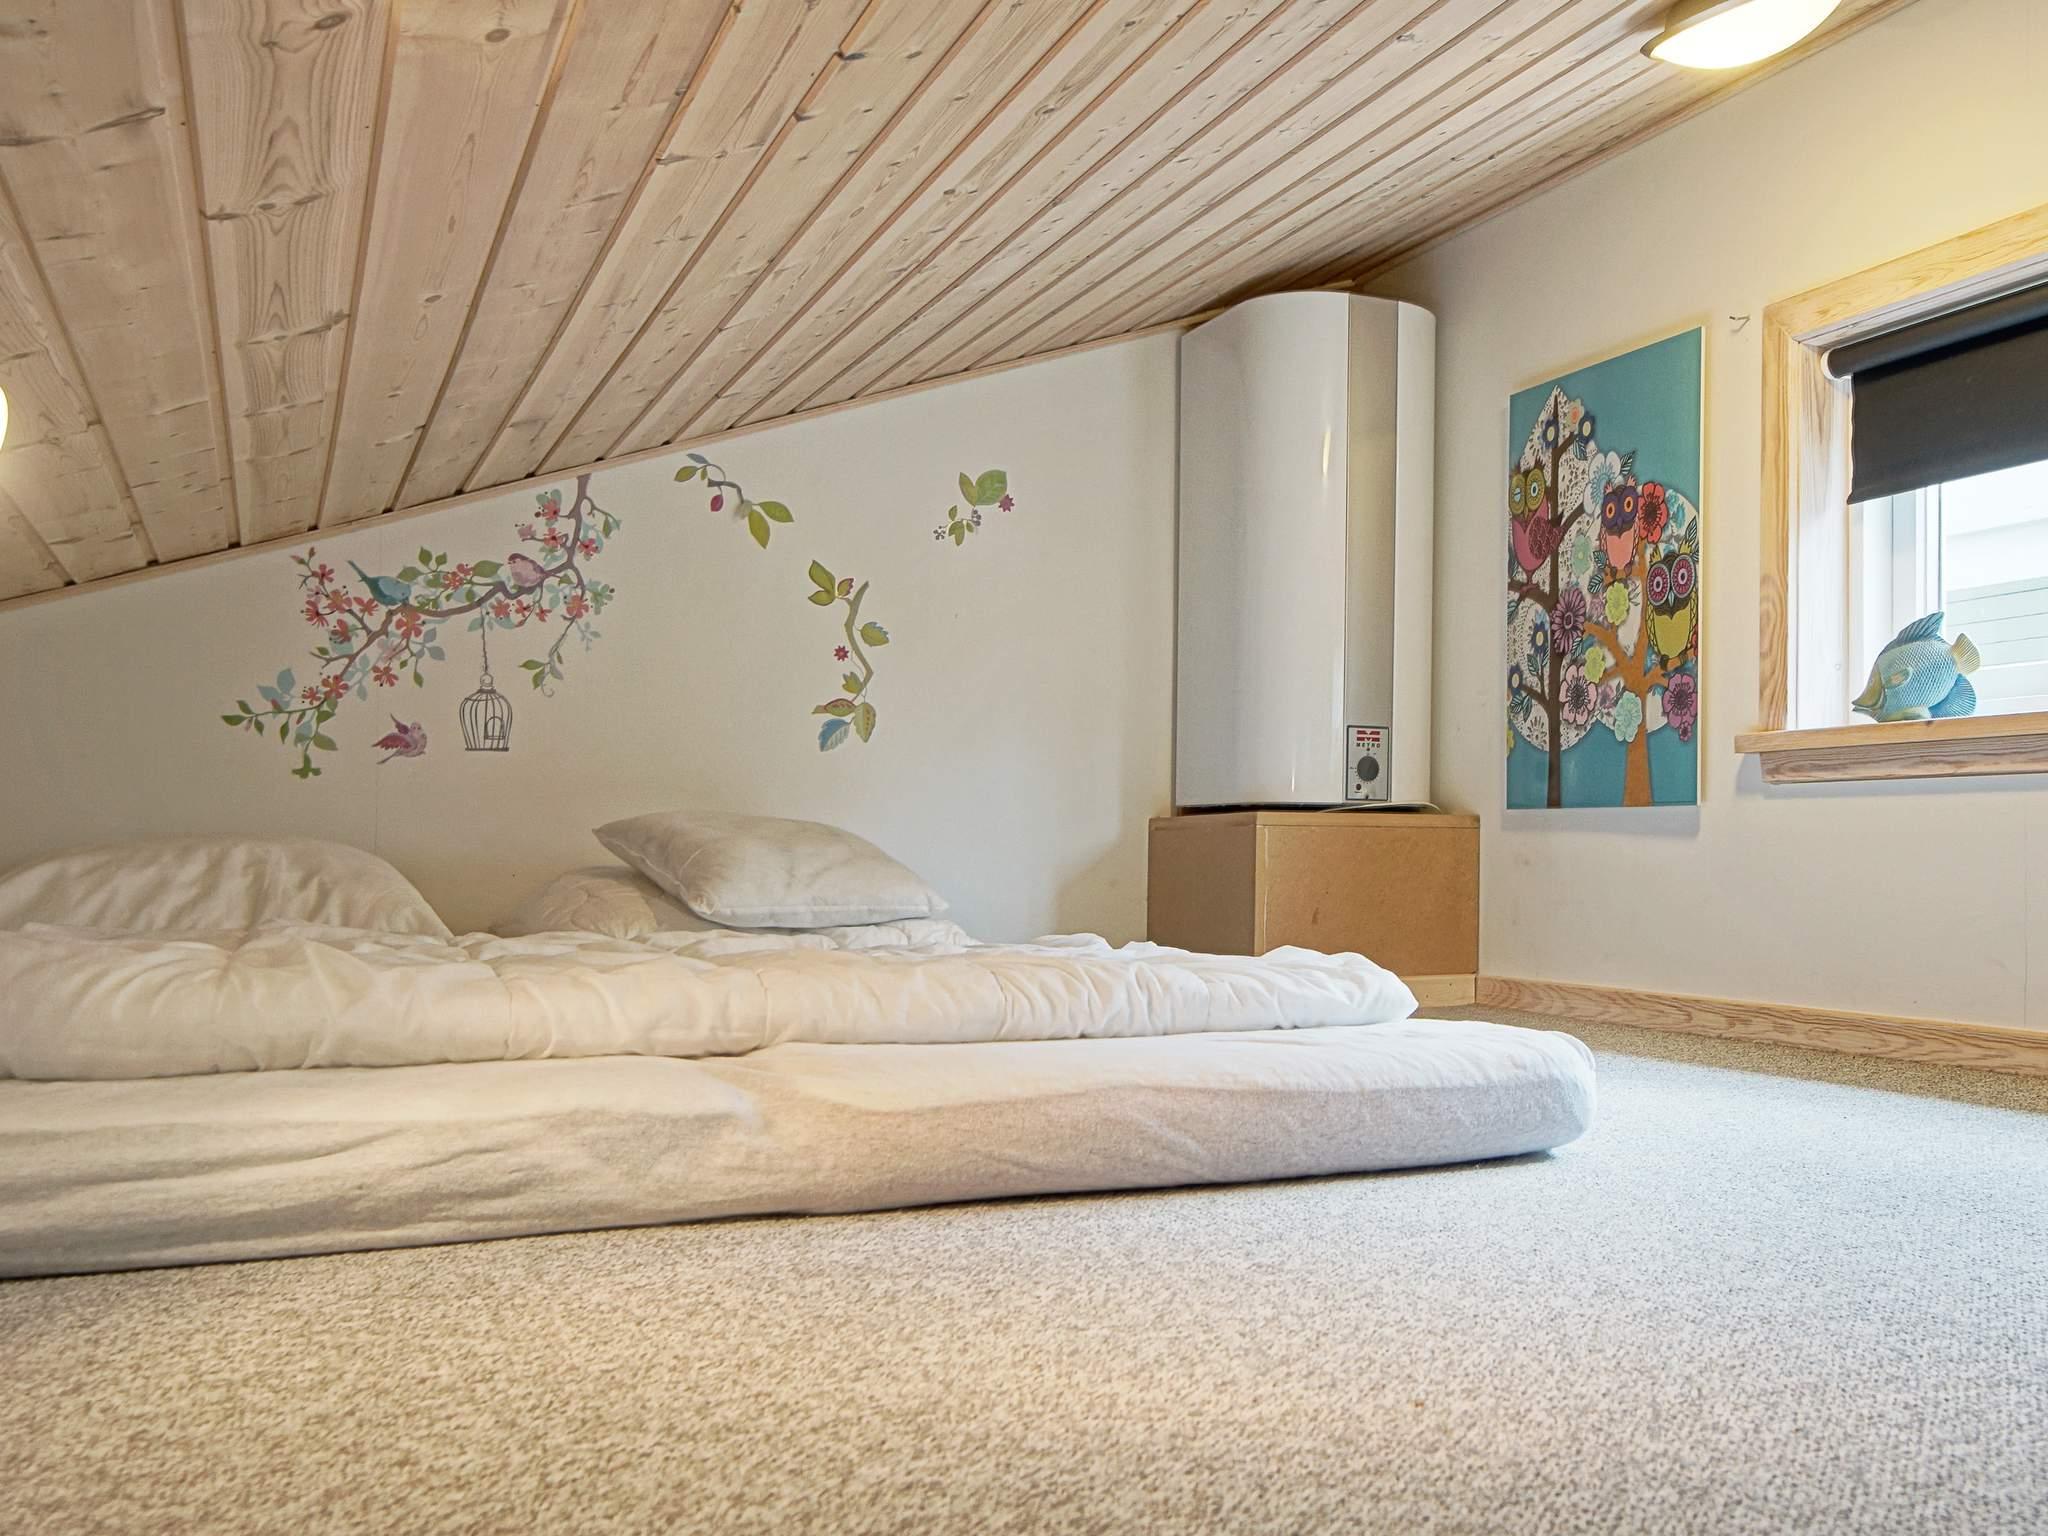 Ferienhaus Rø/Gudhjem (438568), Gudhjem, , Bornholm, Dänemark, Bild 9